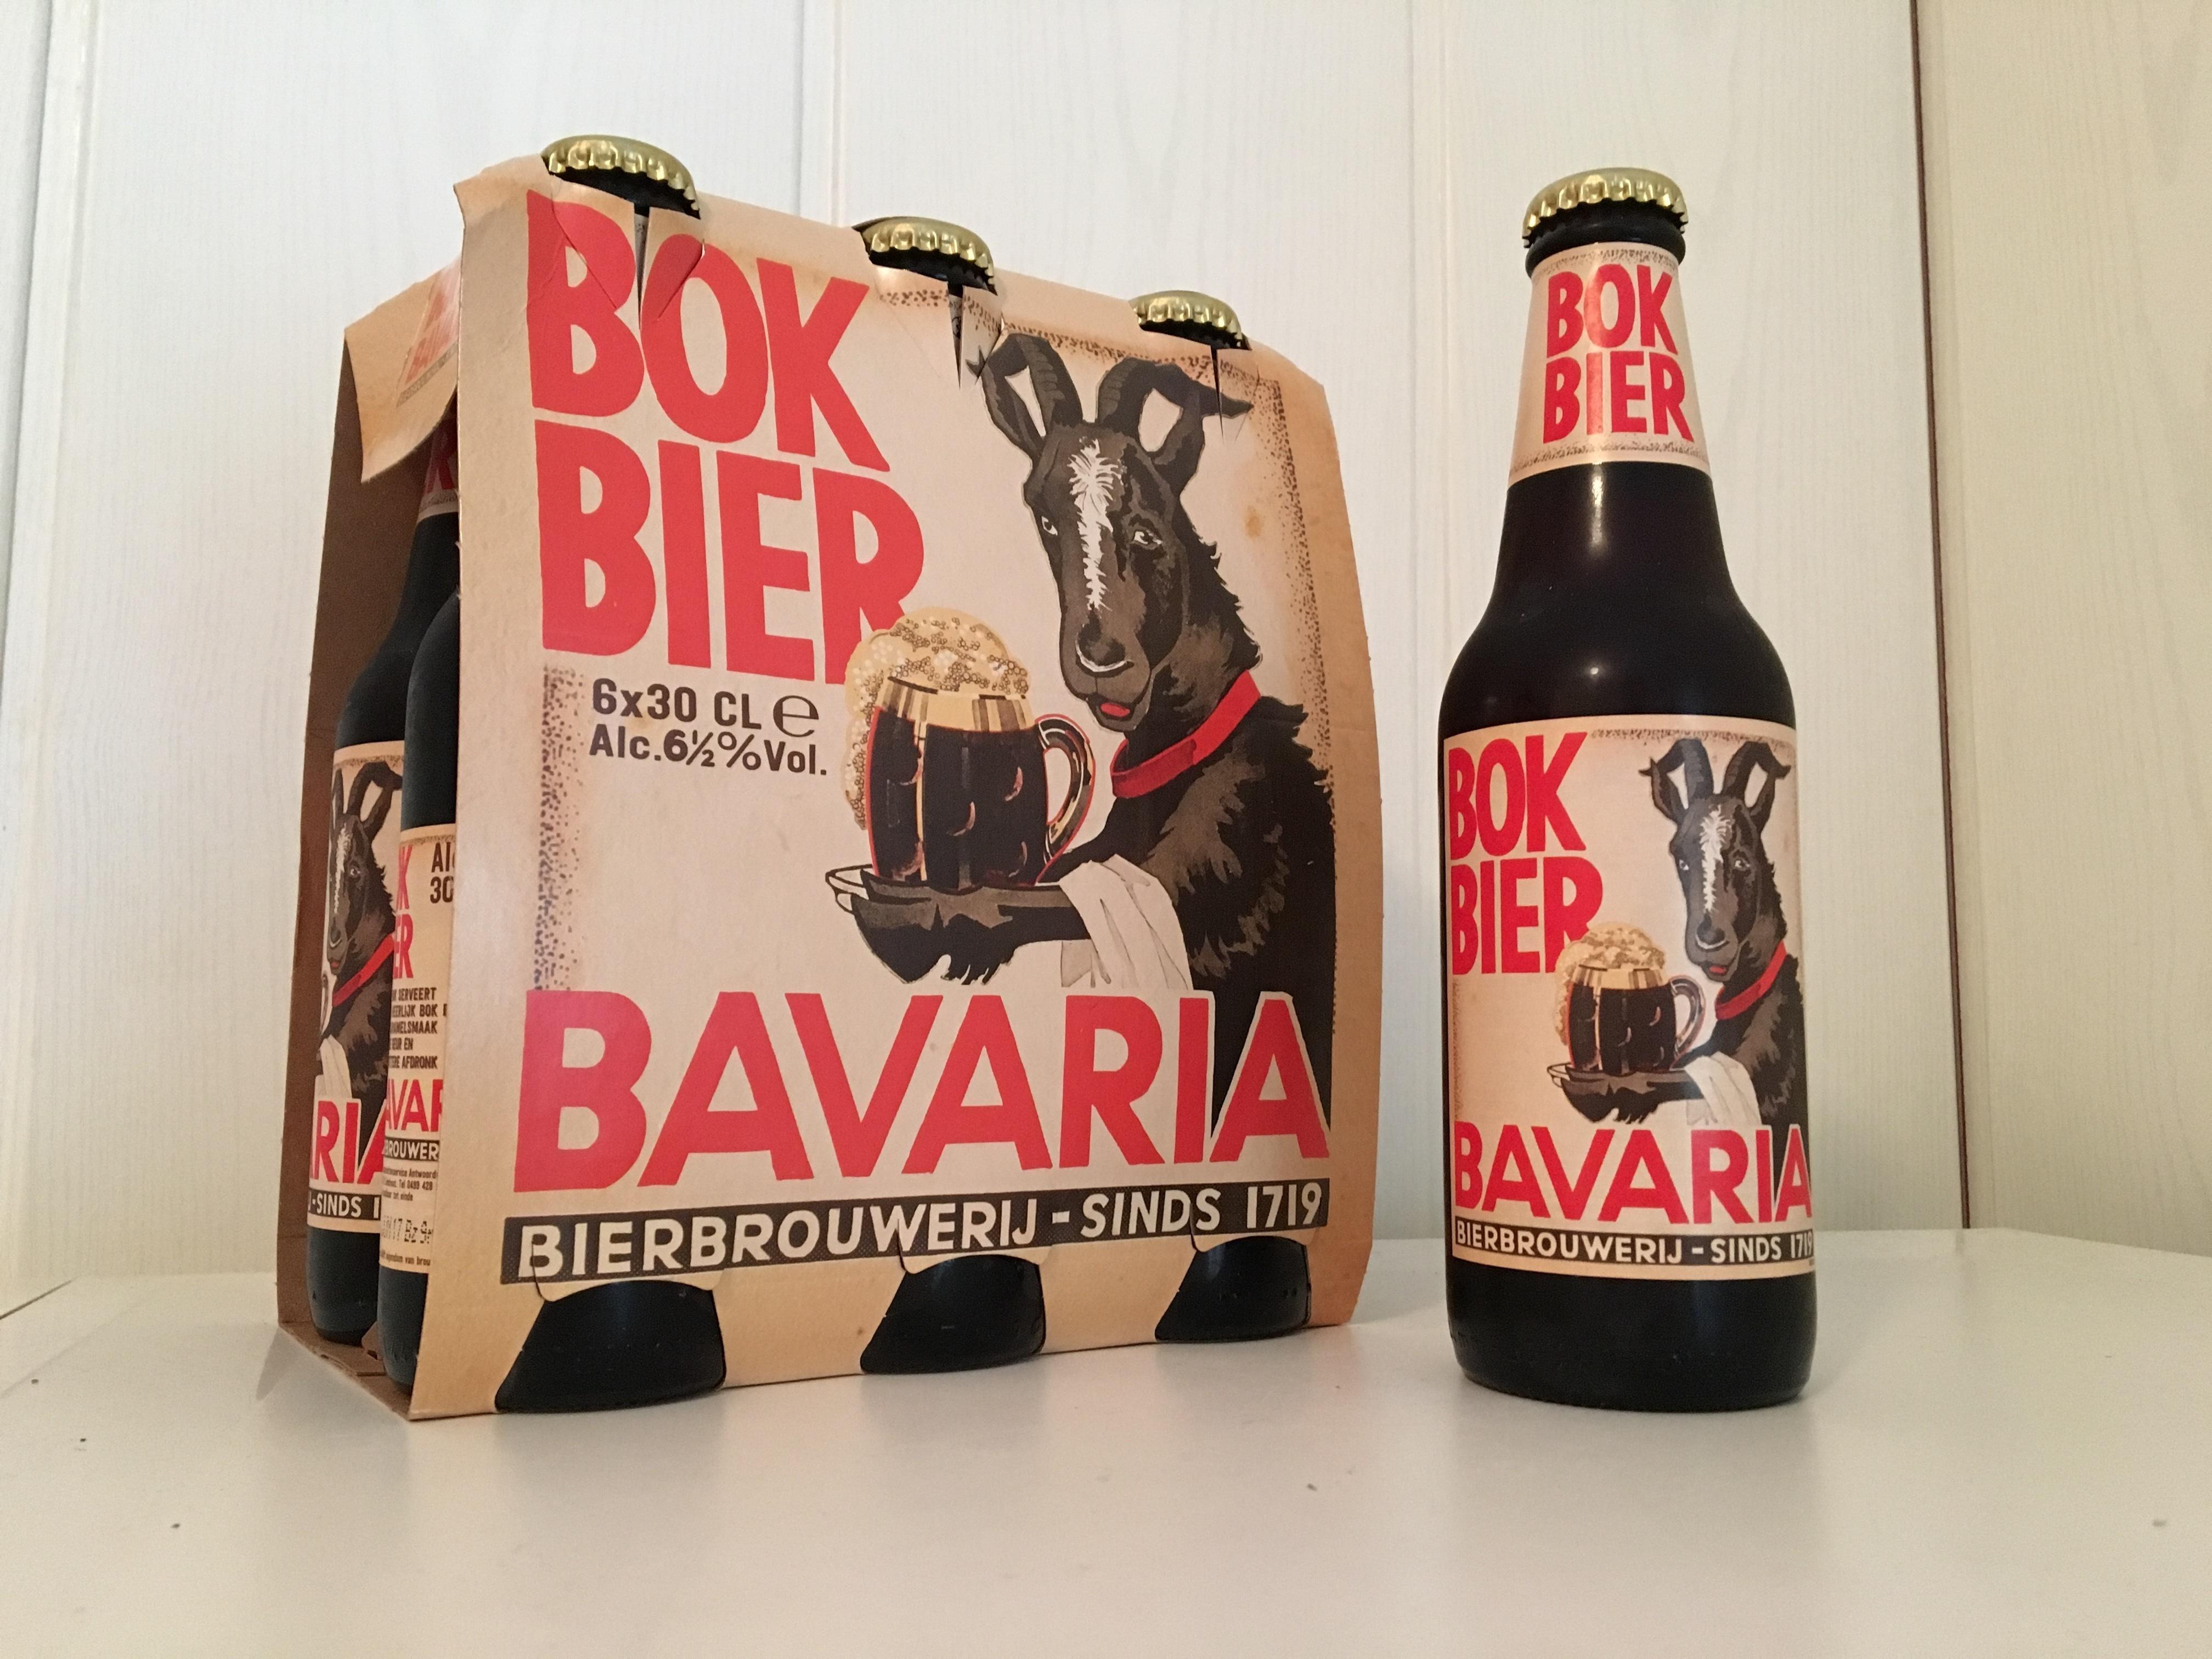 Bok Bier